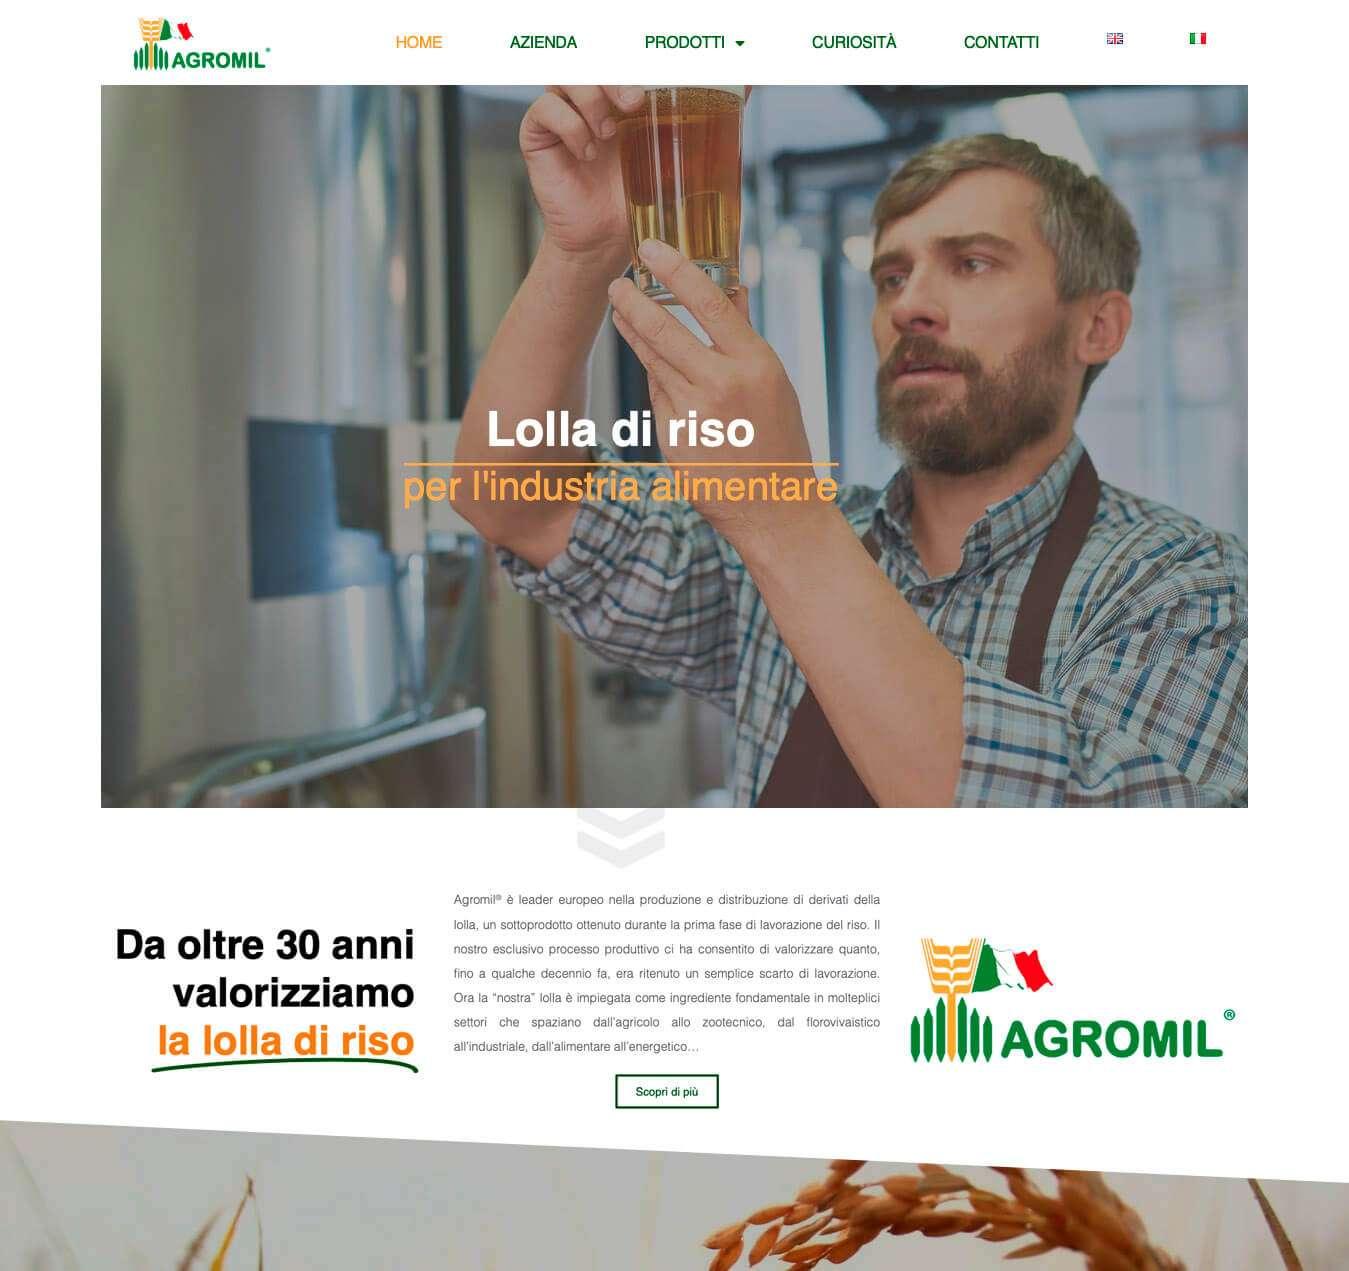 lolla di riso Agromil Pavia siti internet Essetre web